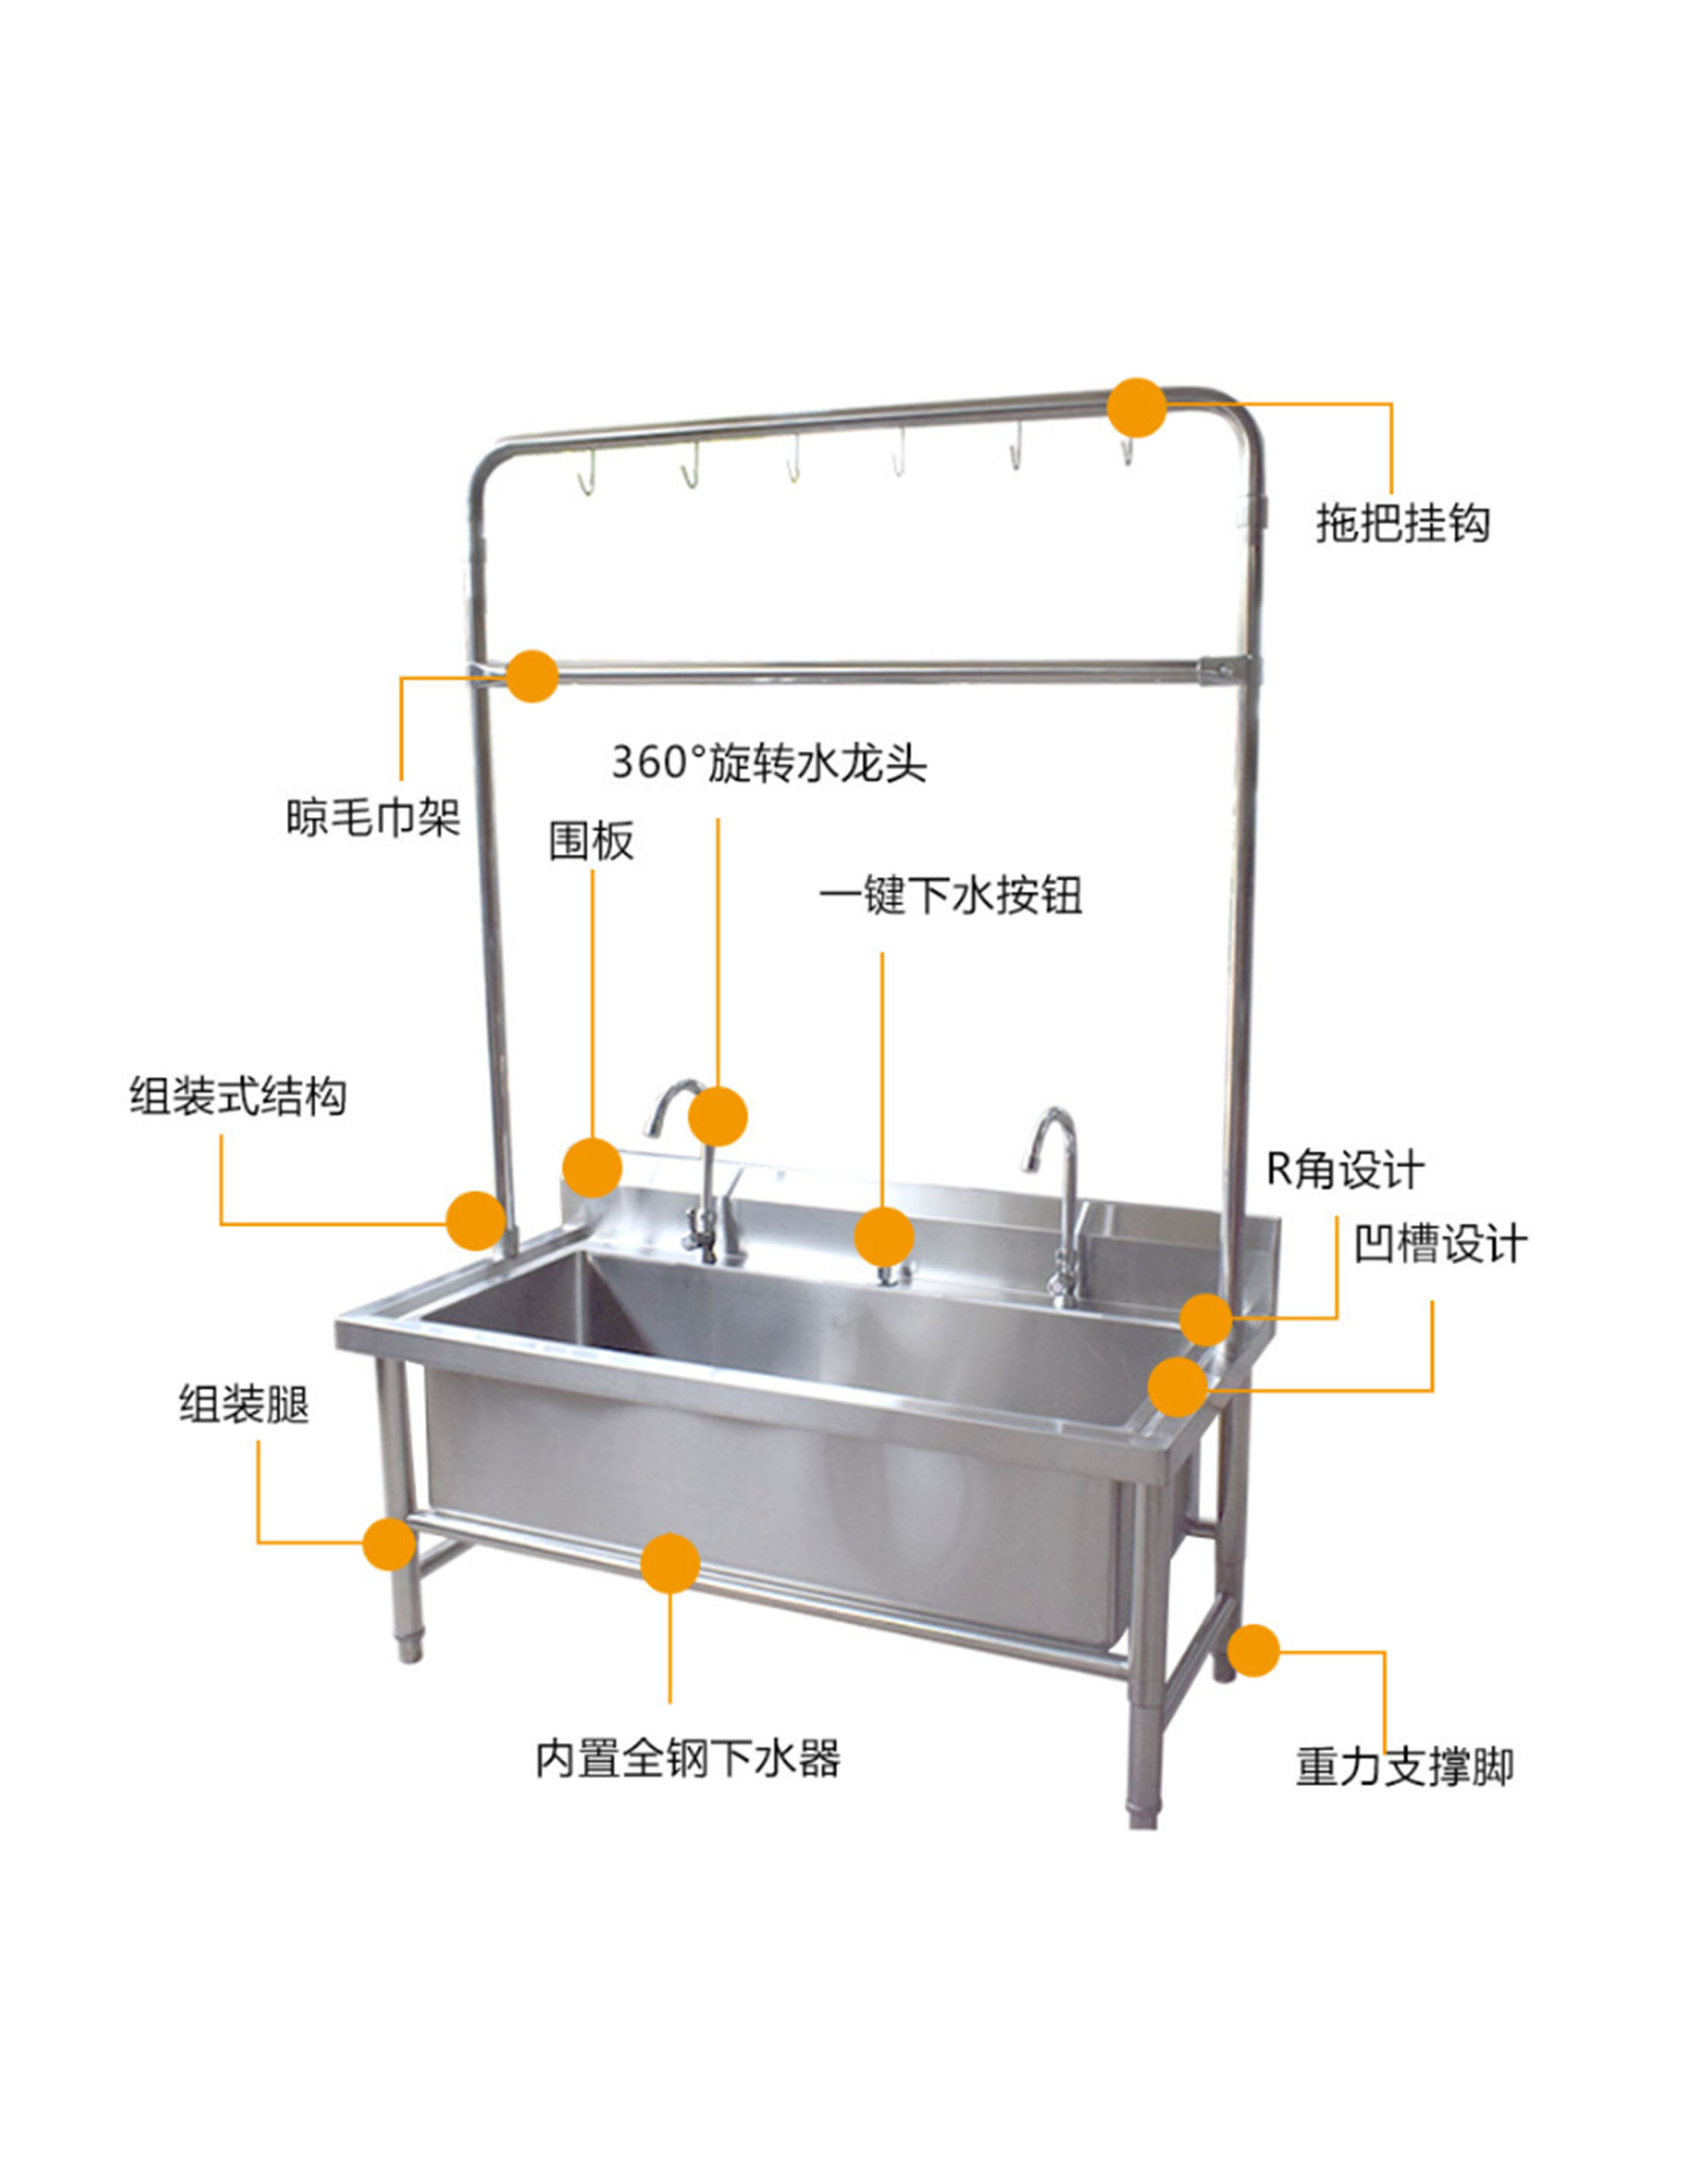 男人和女人关系越来越远的图片钢洗涮池拖把池定做